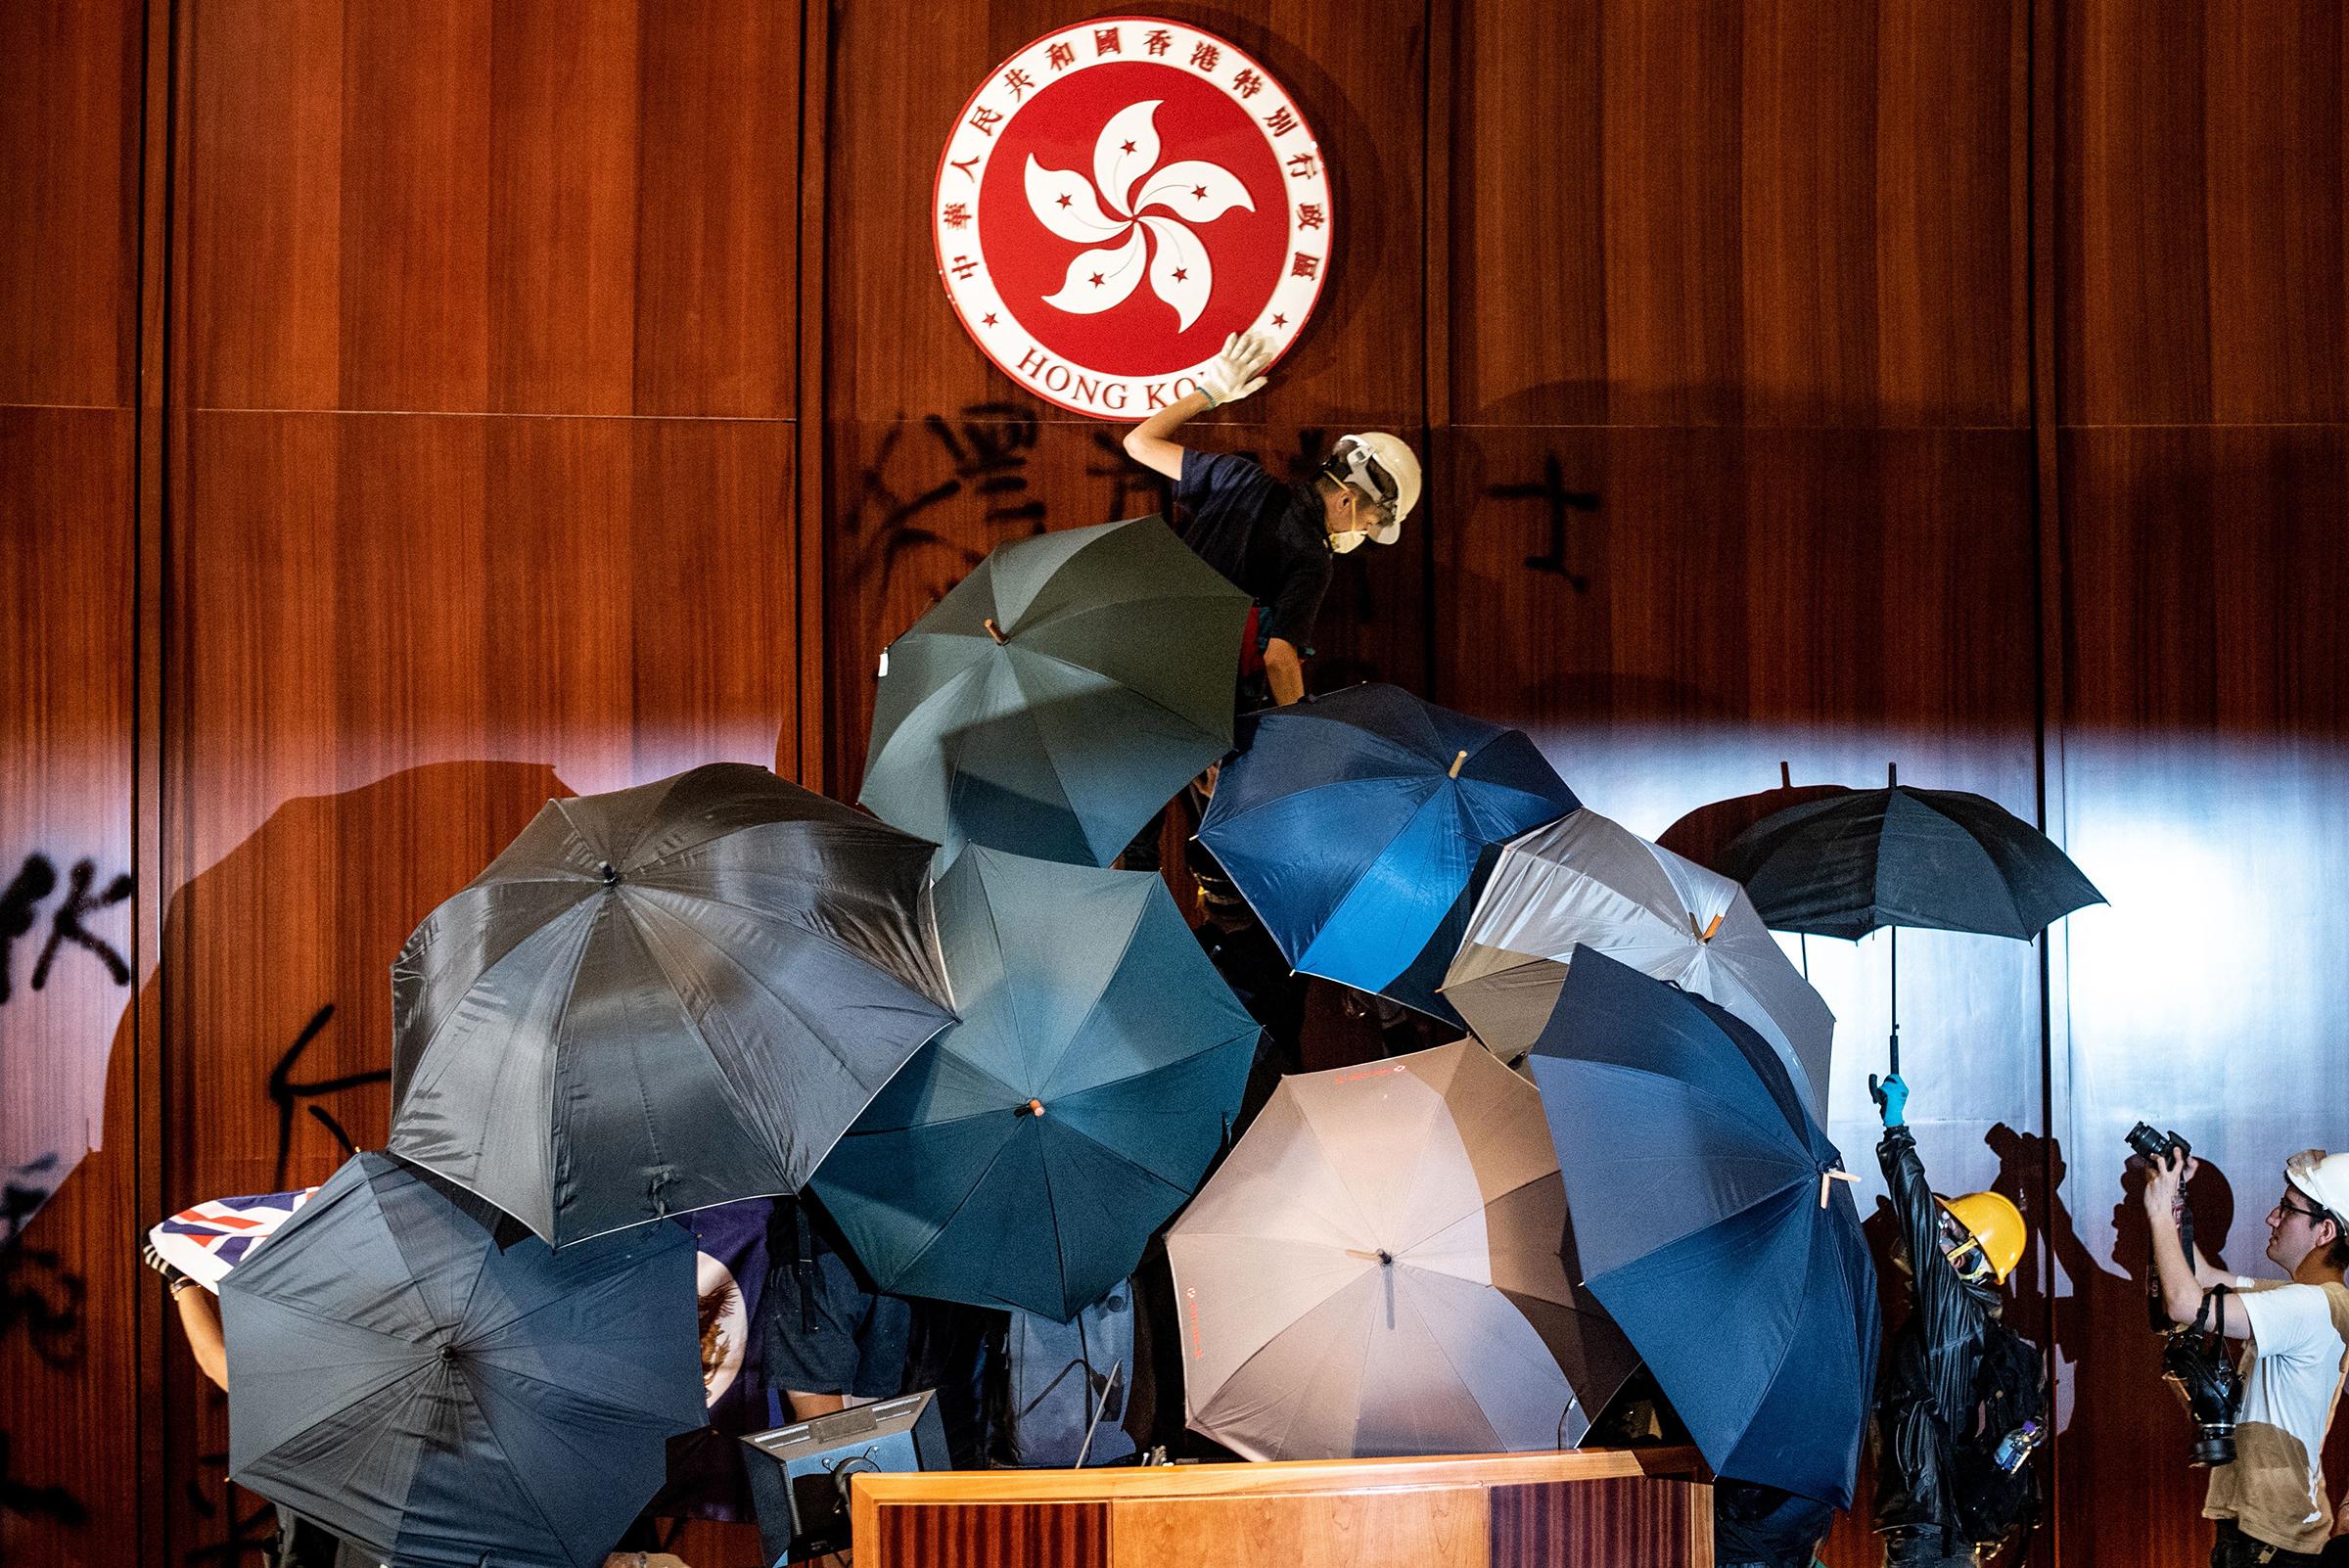 Clashes Disrupt Anniversary of Hong Kong's Handover to China | Time